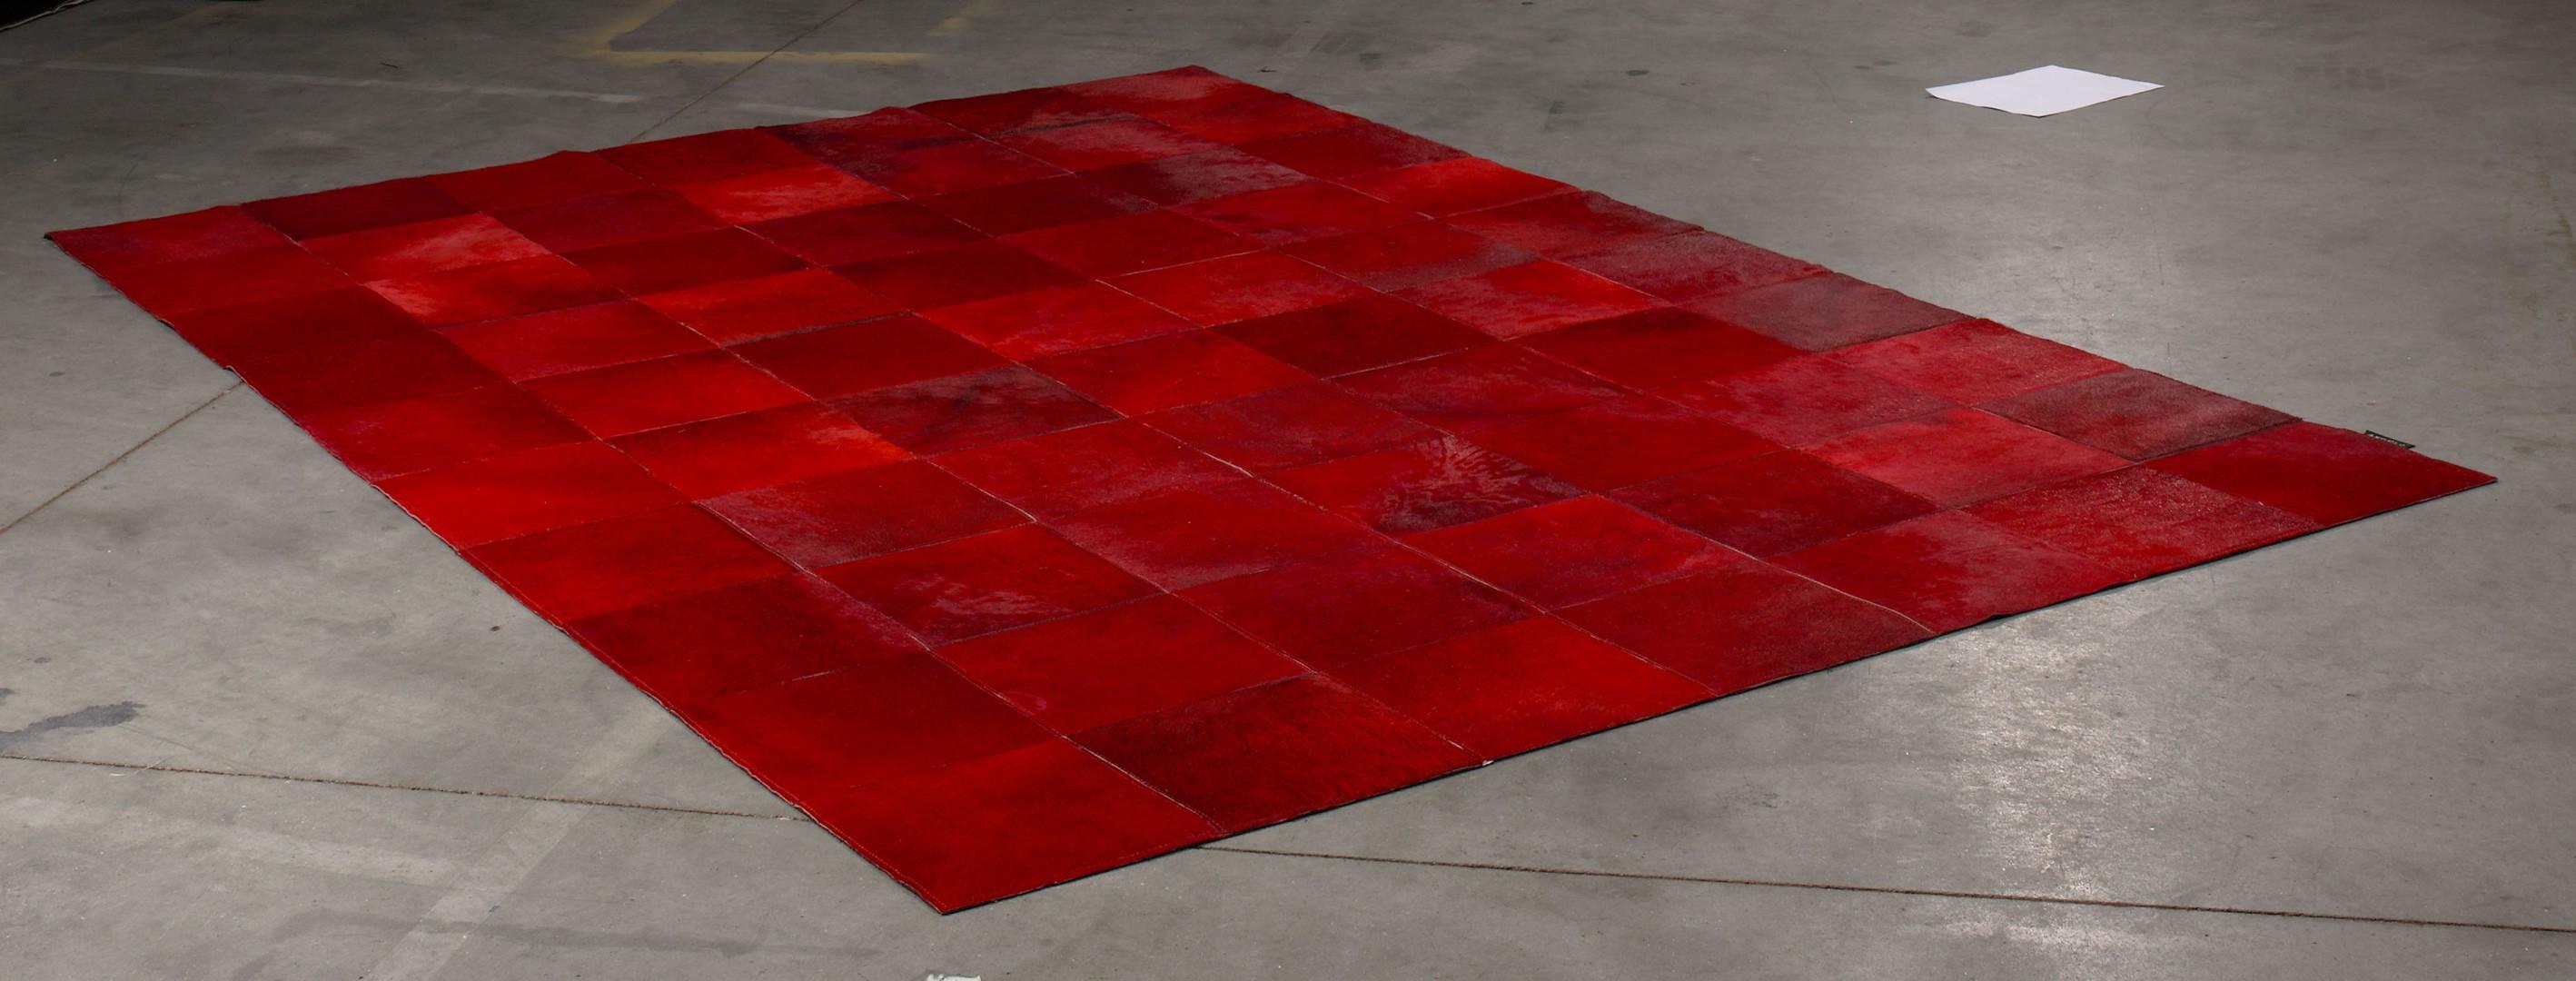 pin tapis rouge dessin on pinterest. Black Bedroom Furniture Sets. Home Design Ideas